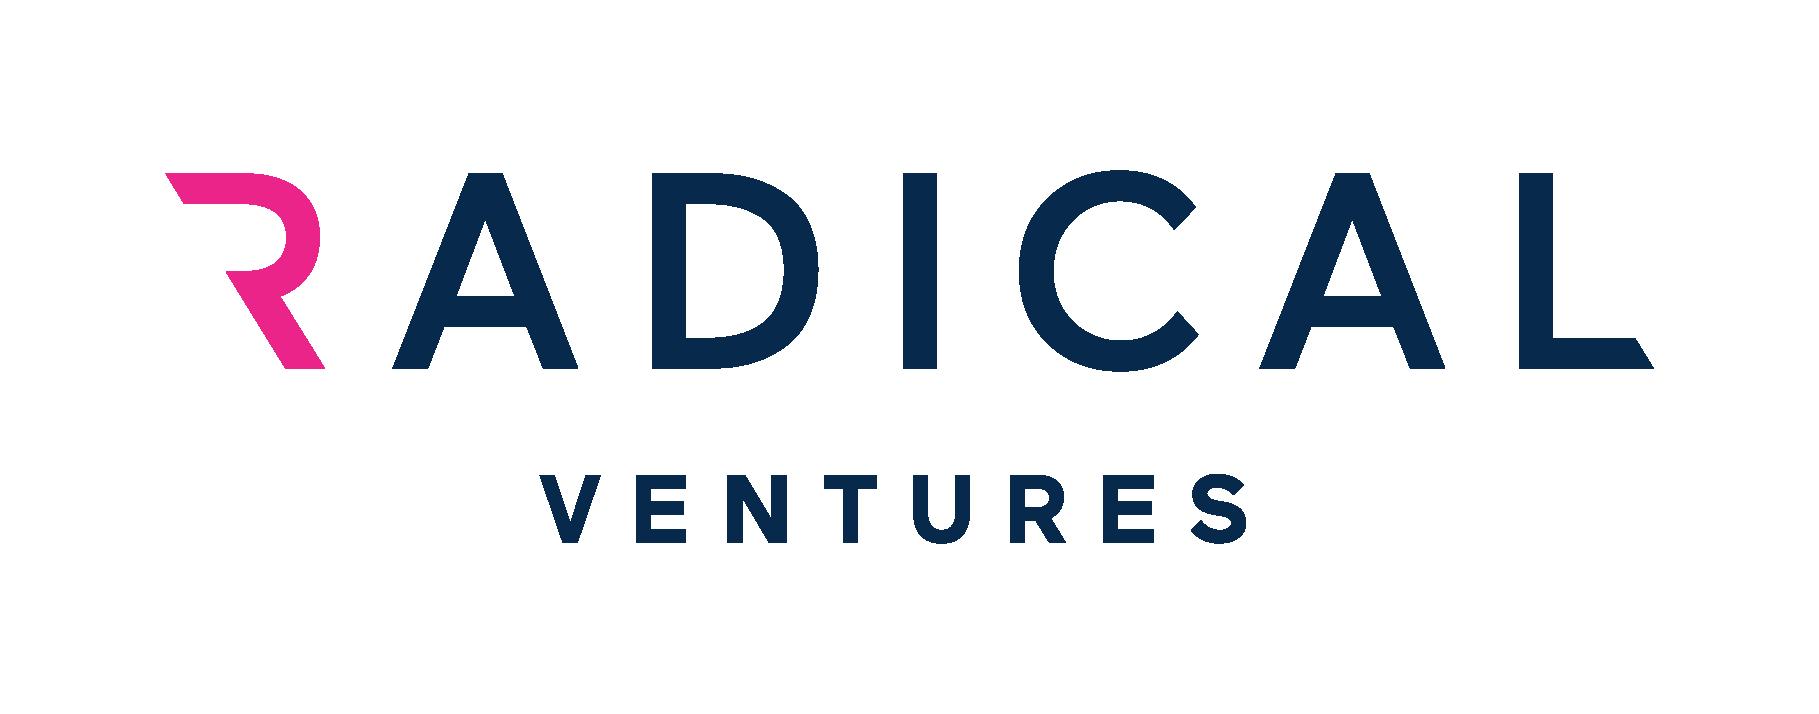 Radical Ventures logo